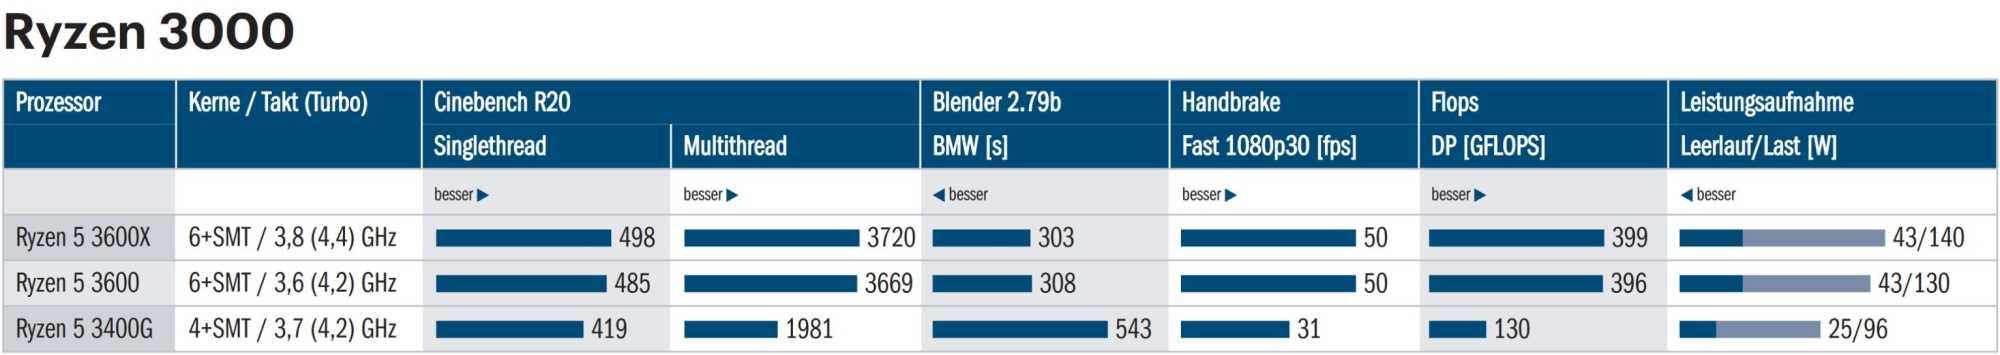 Ryzen 3000: Benchmark-Ergebnisse